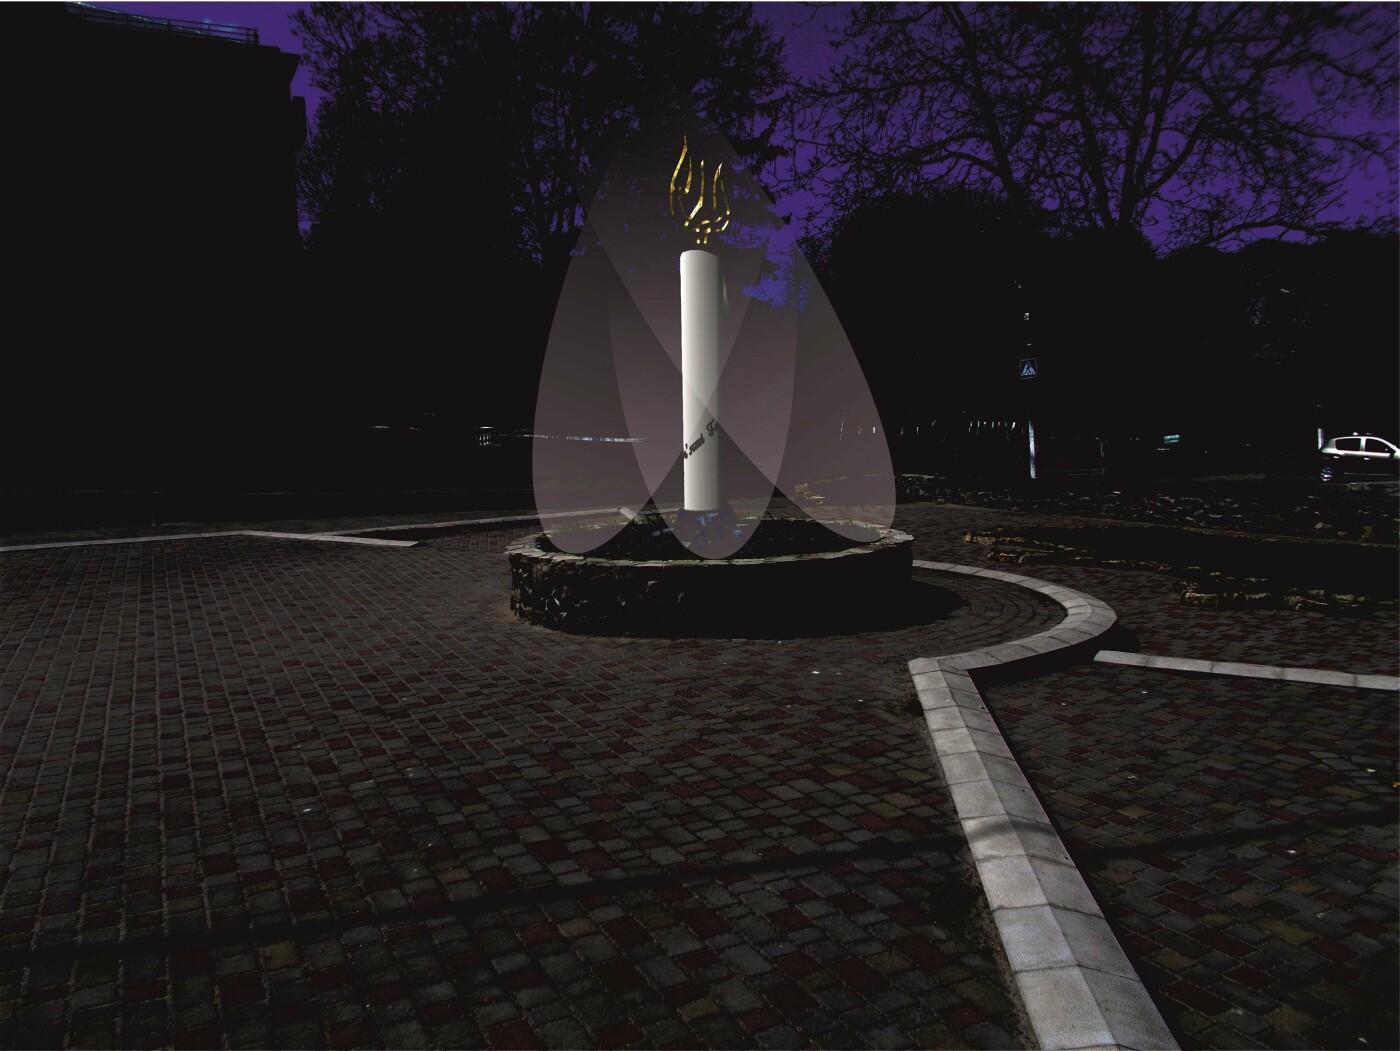 Здолбунівчани різко розкритикували меморіал, який почали встановлювати у центрі міста (ФОТО)  , фото-9